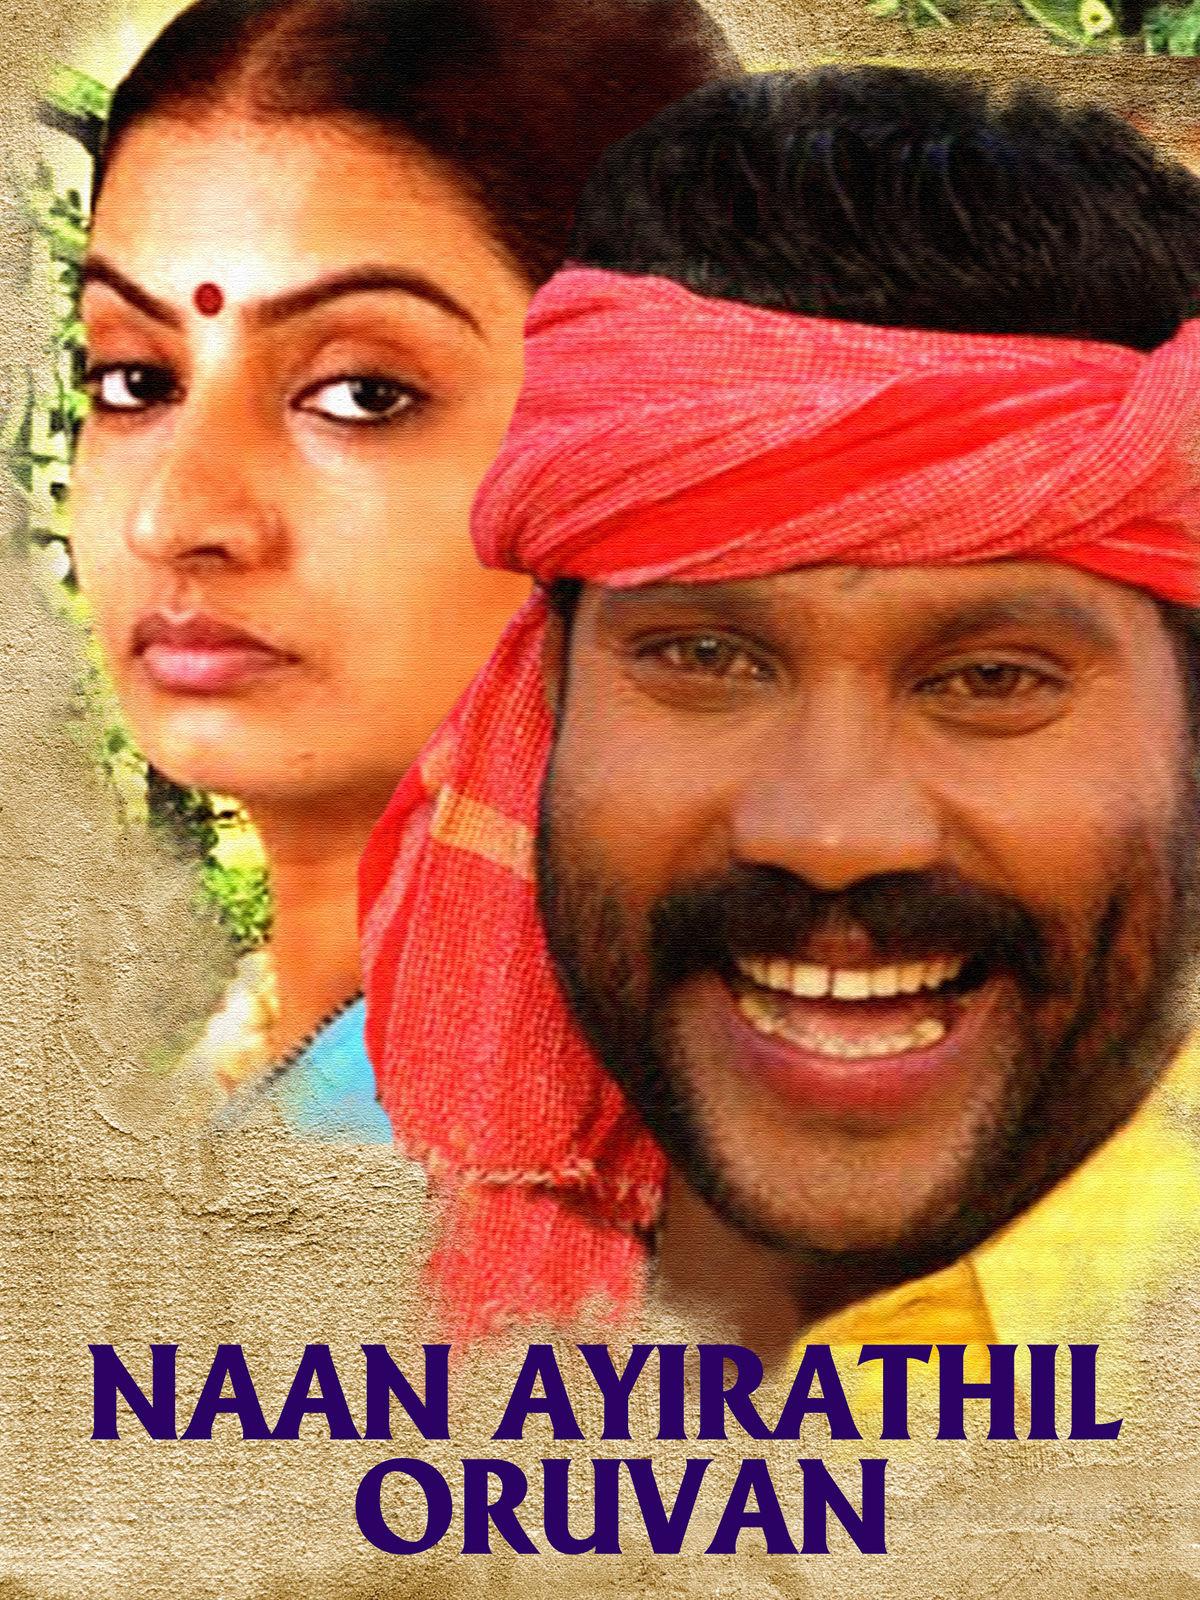 Naan Ayirathil Oruvan